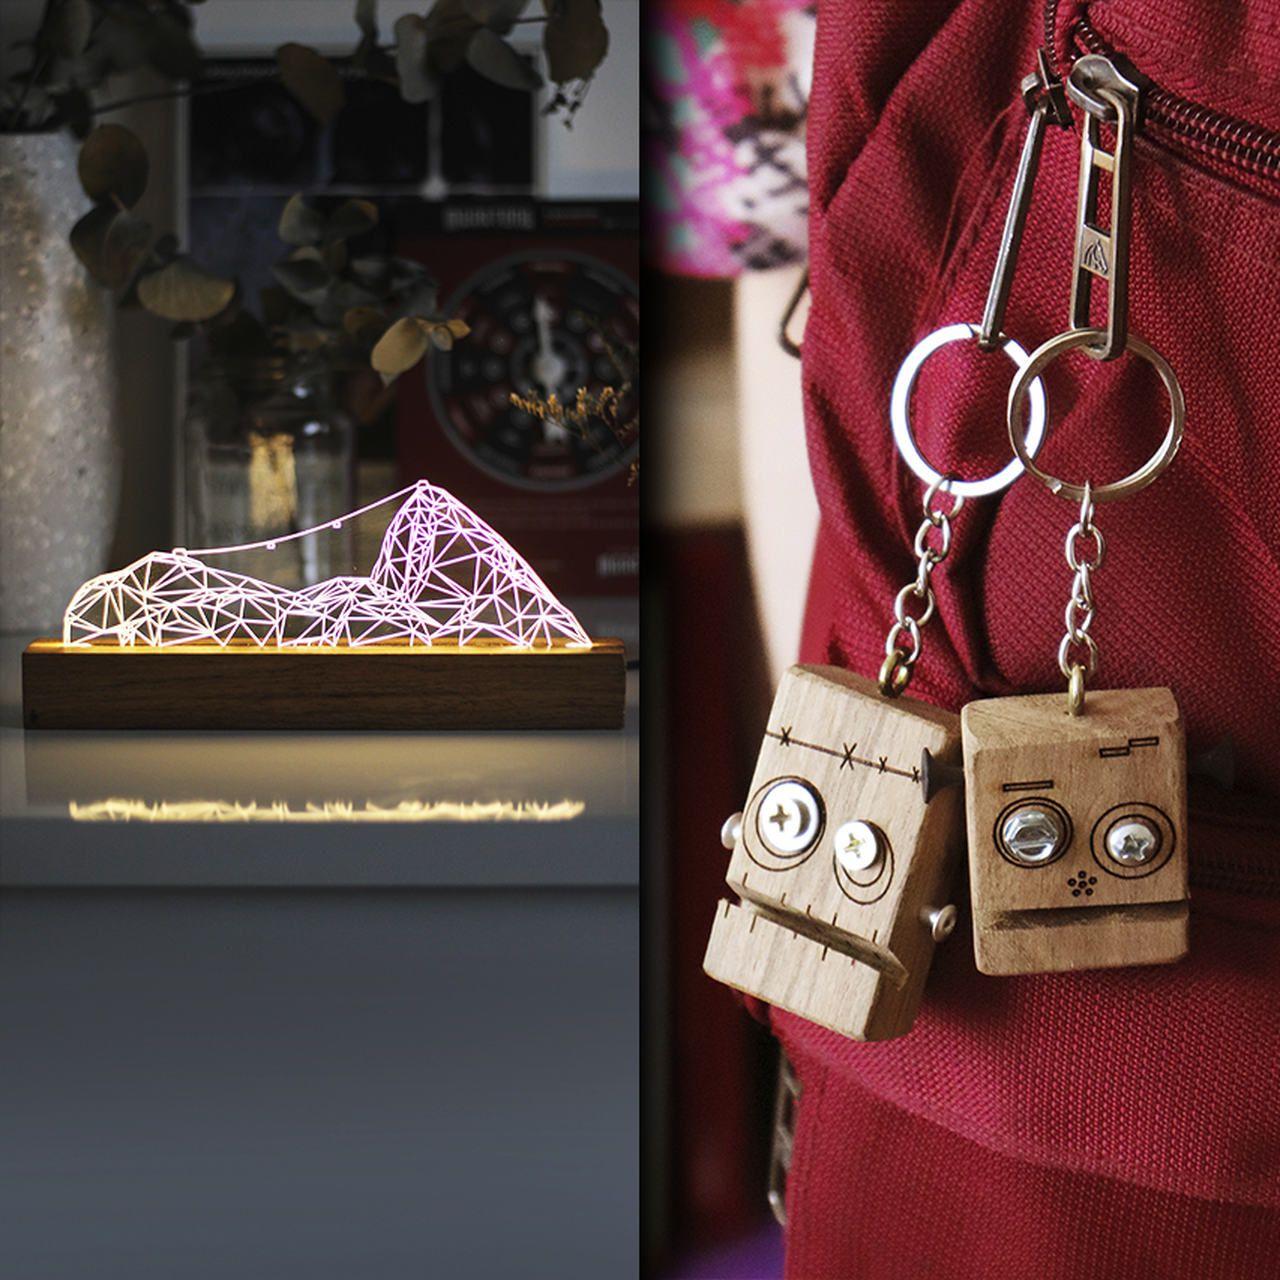 Kit Dia dos Namorados - 1 luminária Pão de Açúcar + 2 chaveiros